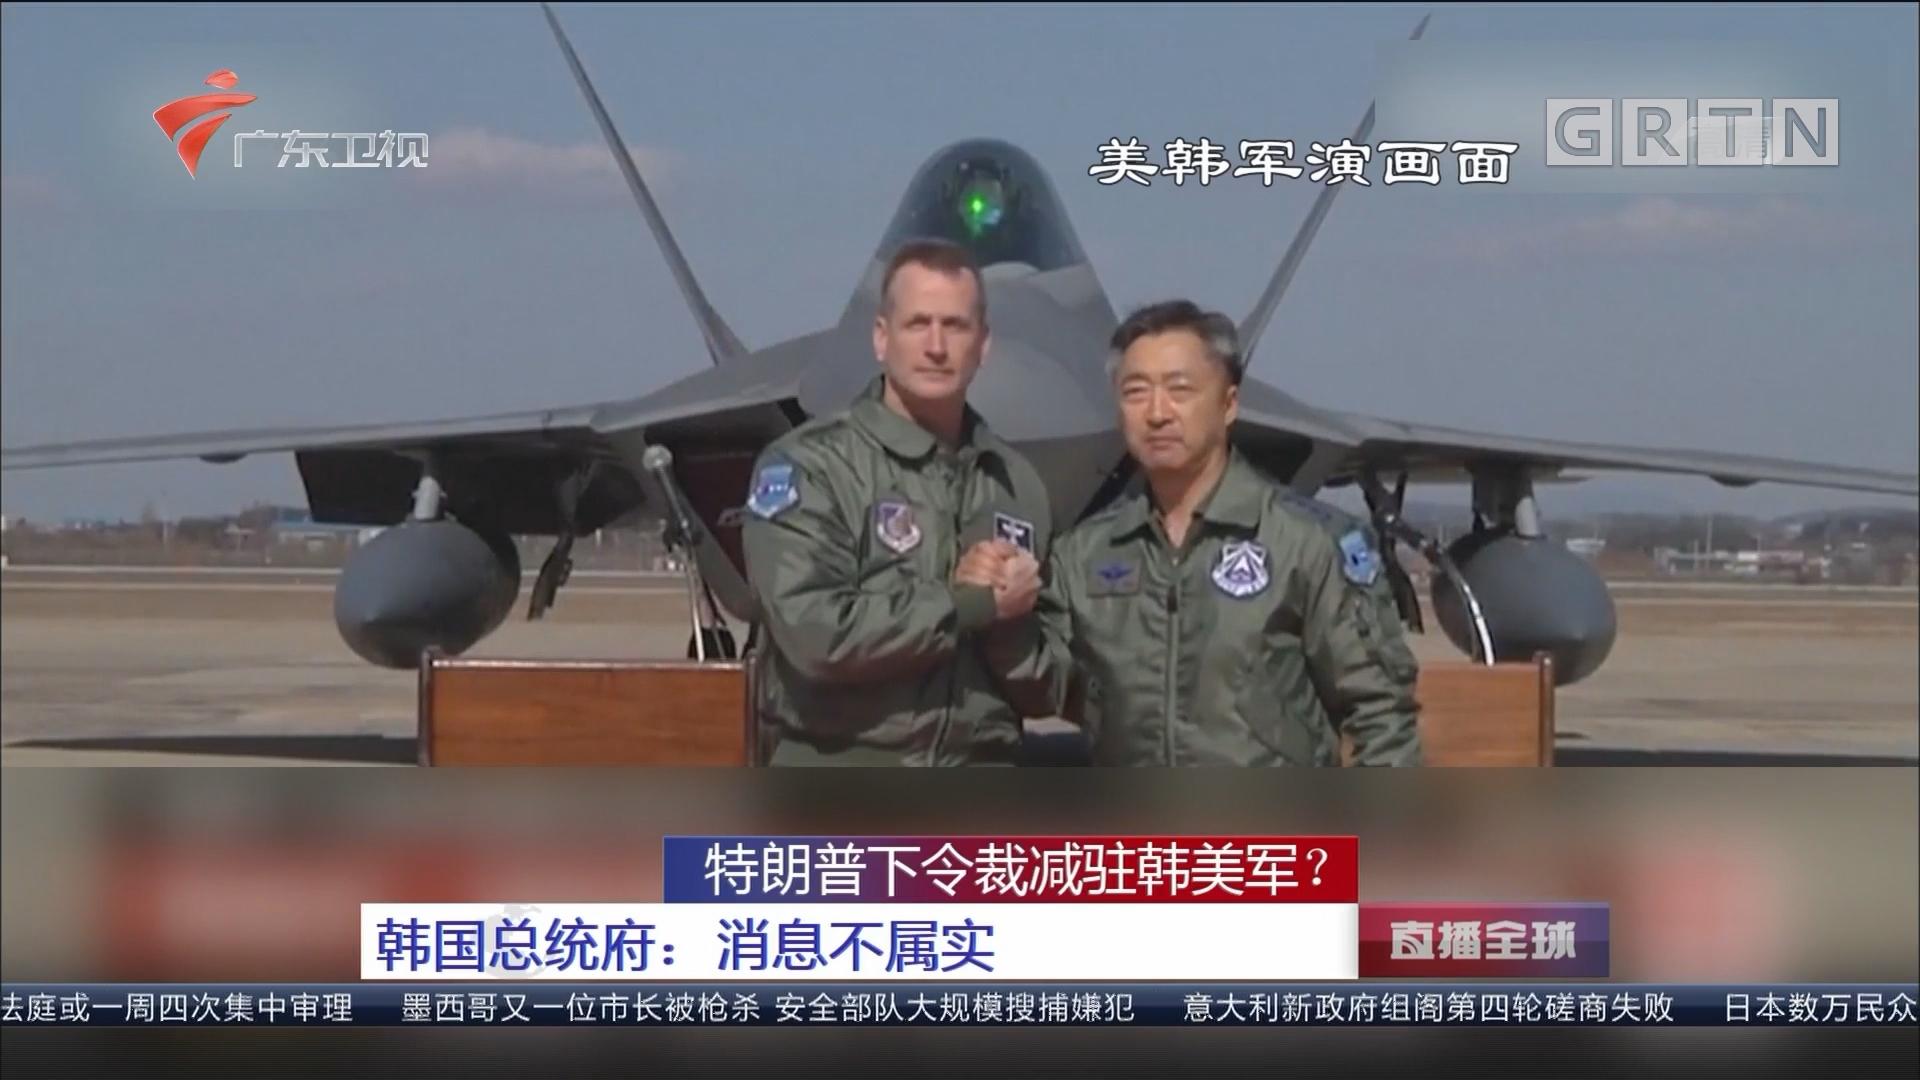 特朗普下令裁减驻韩美军? 韩国总统府:消息不属实